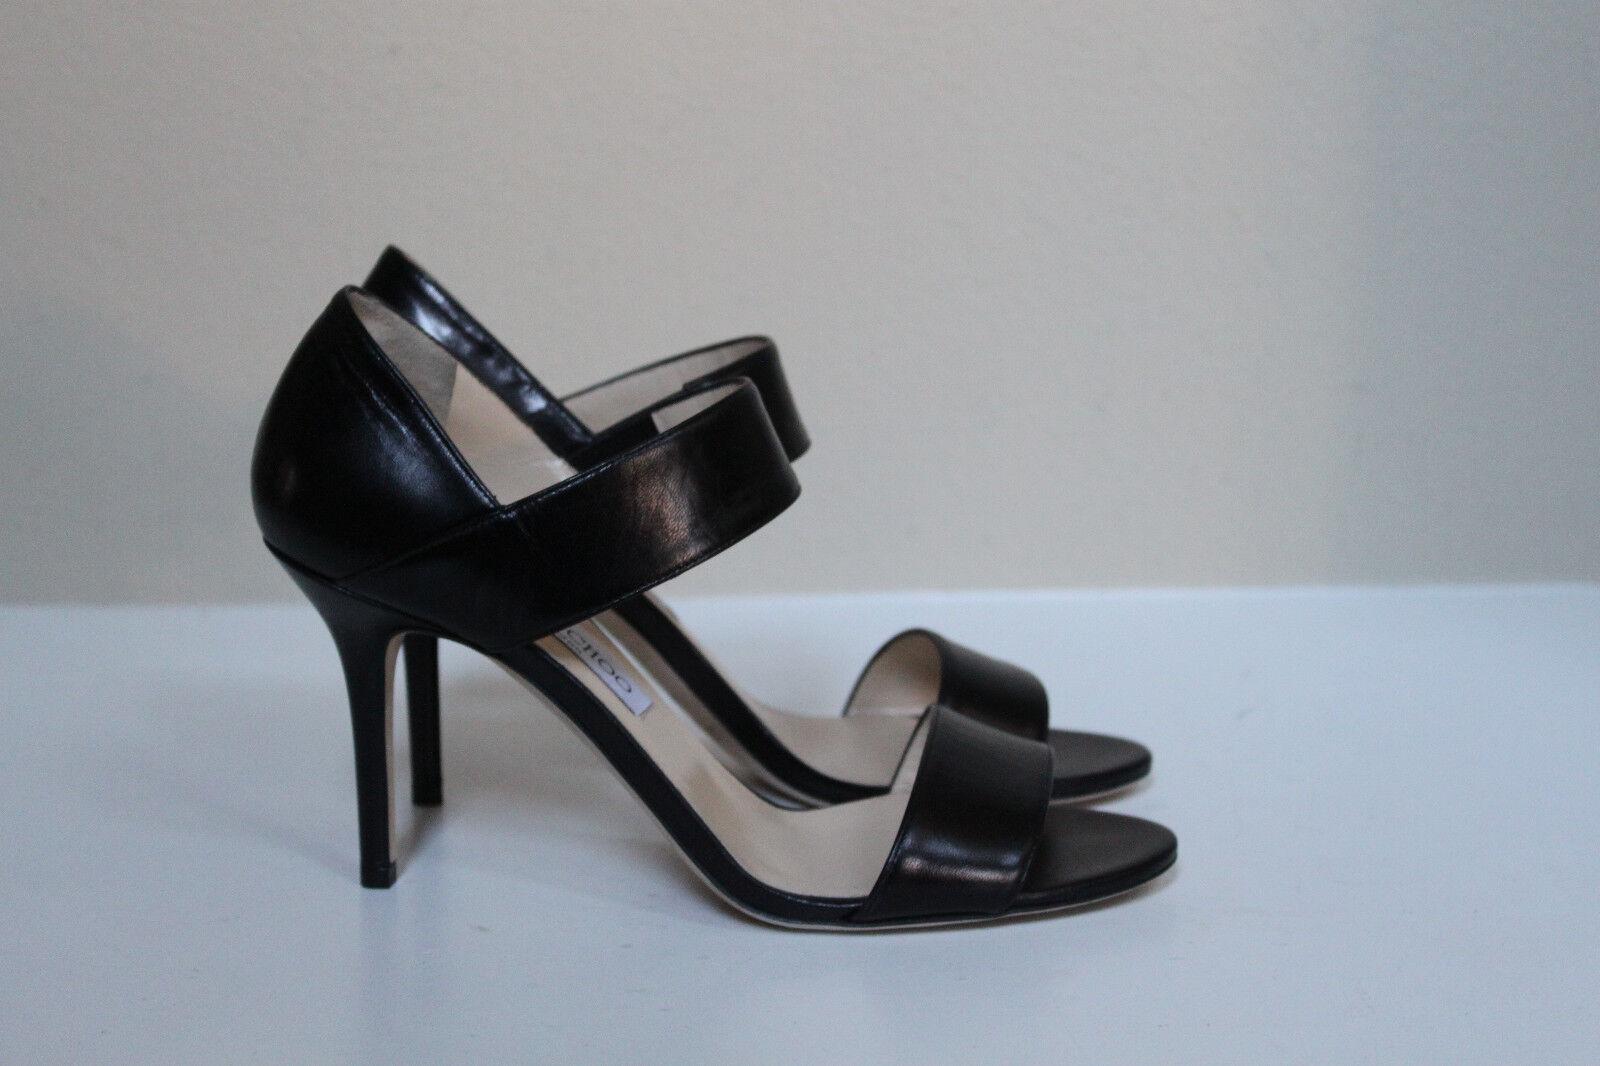 Nuevas Talla 9.5 9.5 9.5 39.5 Jimmy Choo Tesoro Negro Cuero Sandalia Tacón Zapatos Puntera Abierta  genuina alta calidad